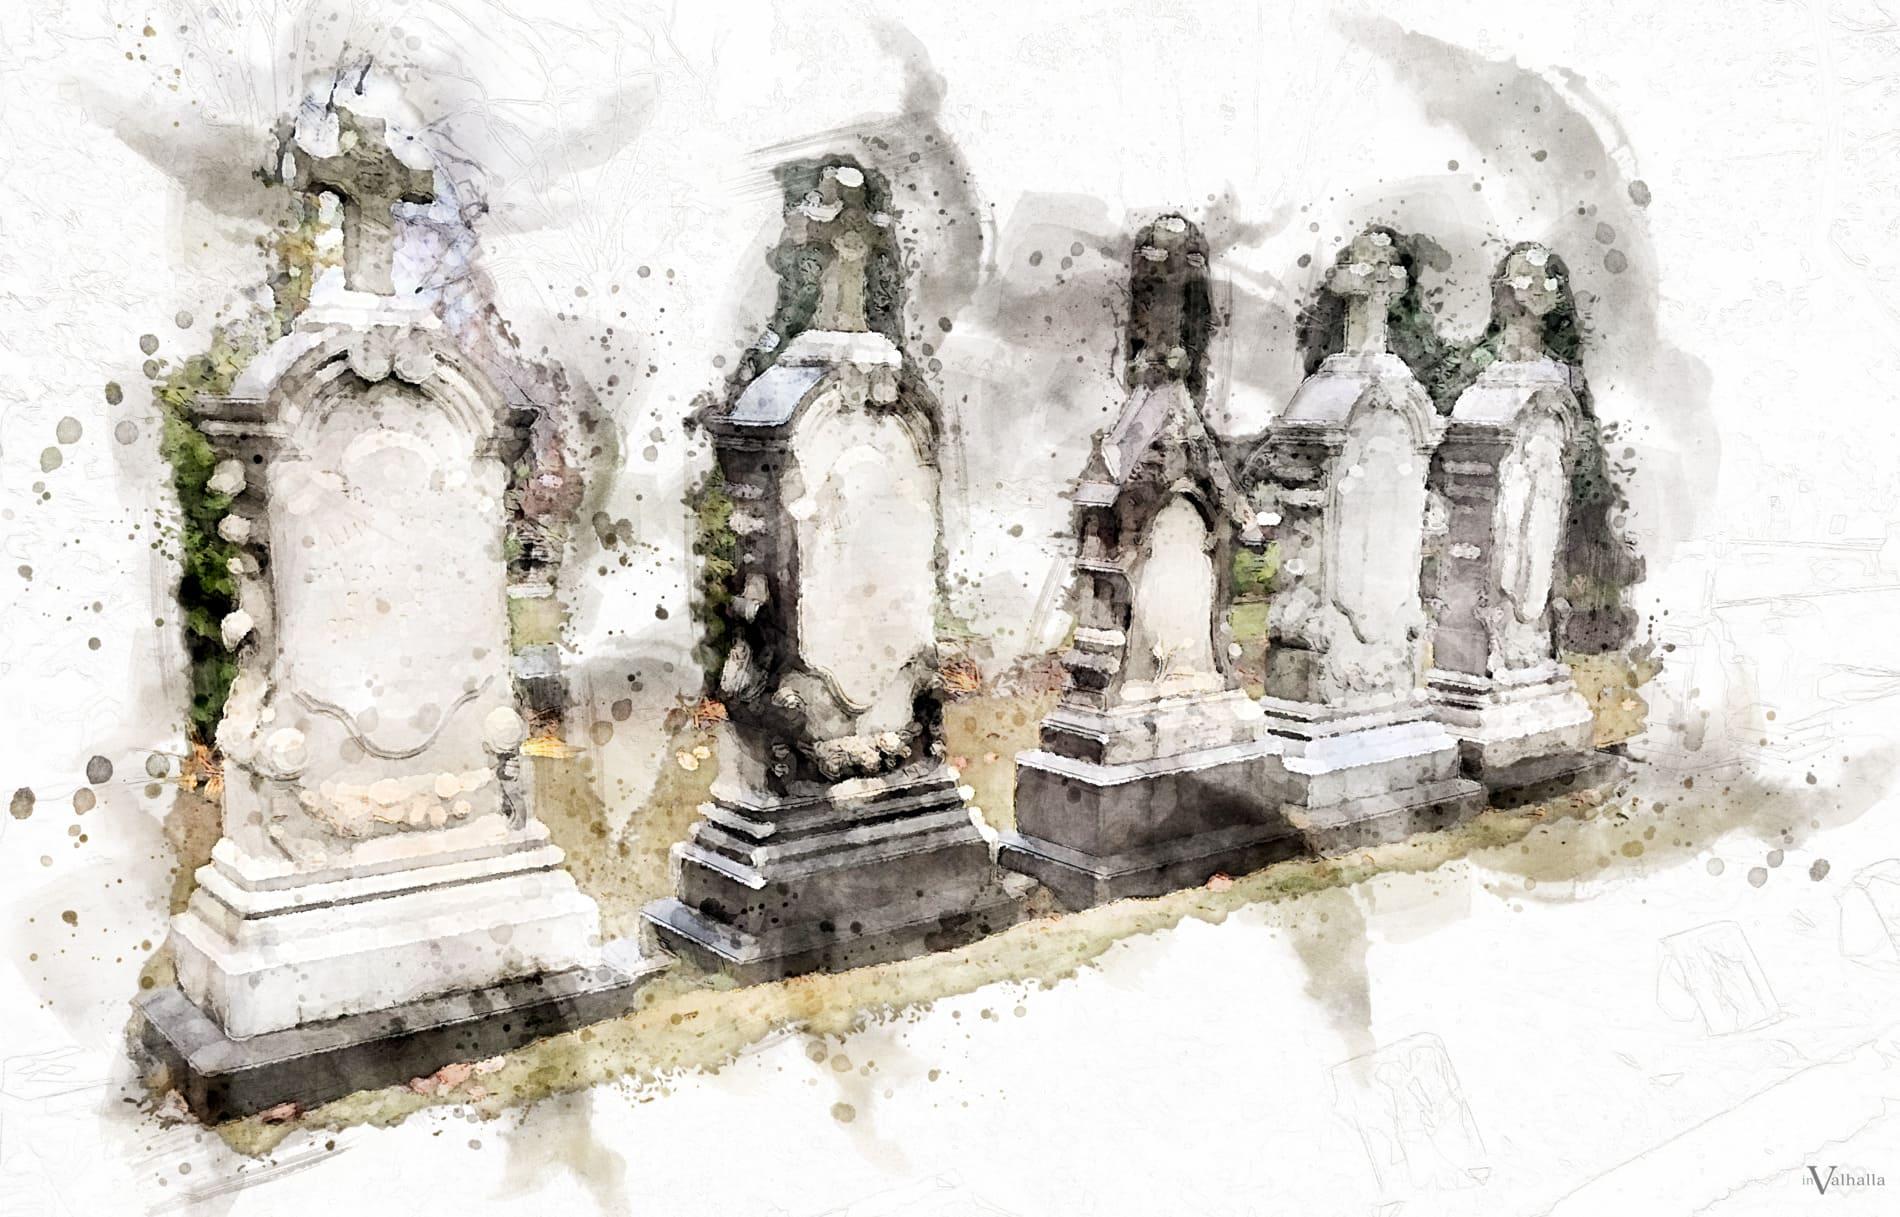 Row of grave headstones